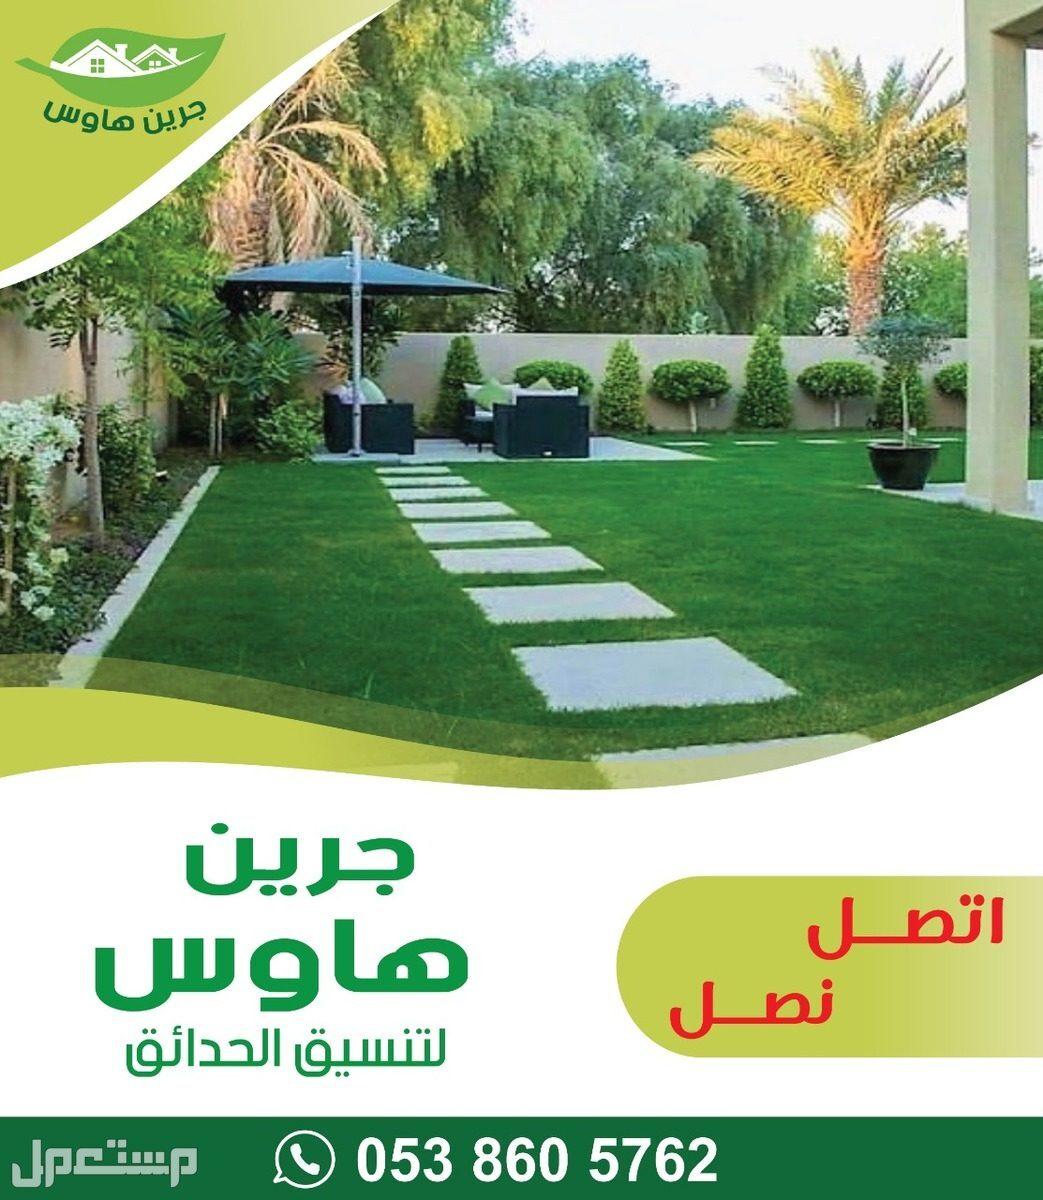 أرخص شركة عشب صناعي وطبيعي (تصميم وتنفيذ) تنسيق حدائق - ثيل - عشب طبيعي - عشب صناعي - ديكور حدائق - مظلات - شلالات - نجيله